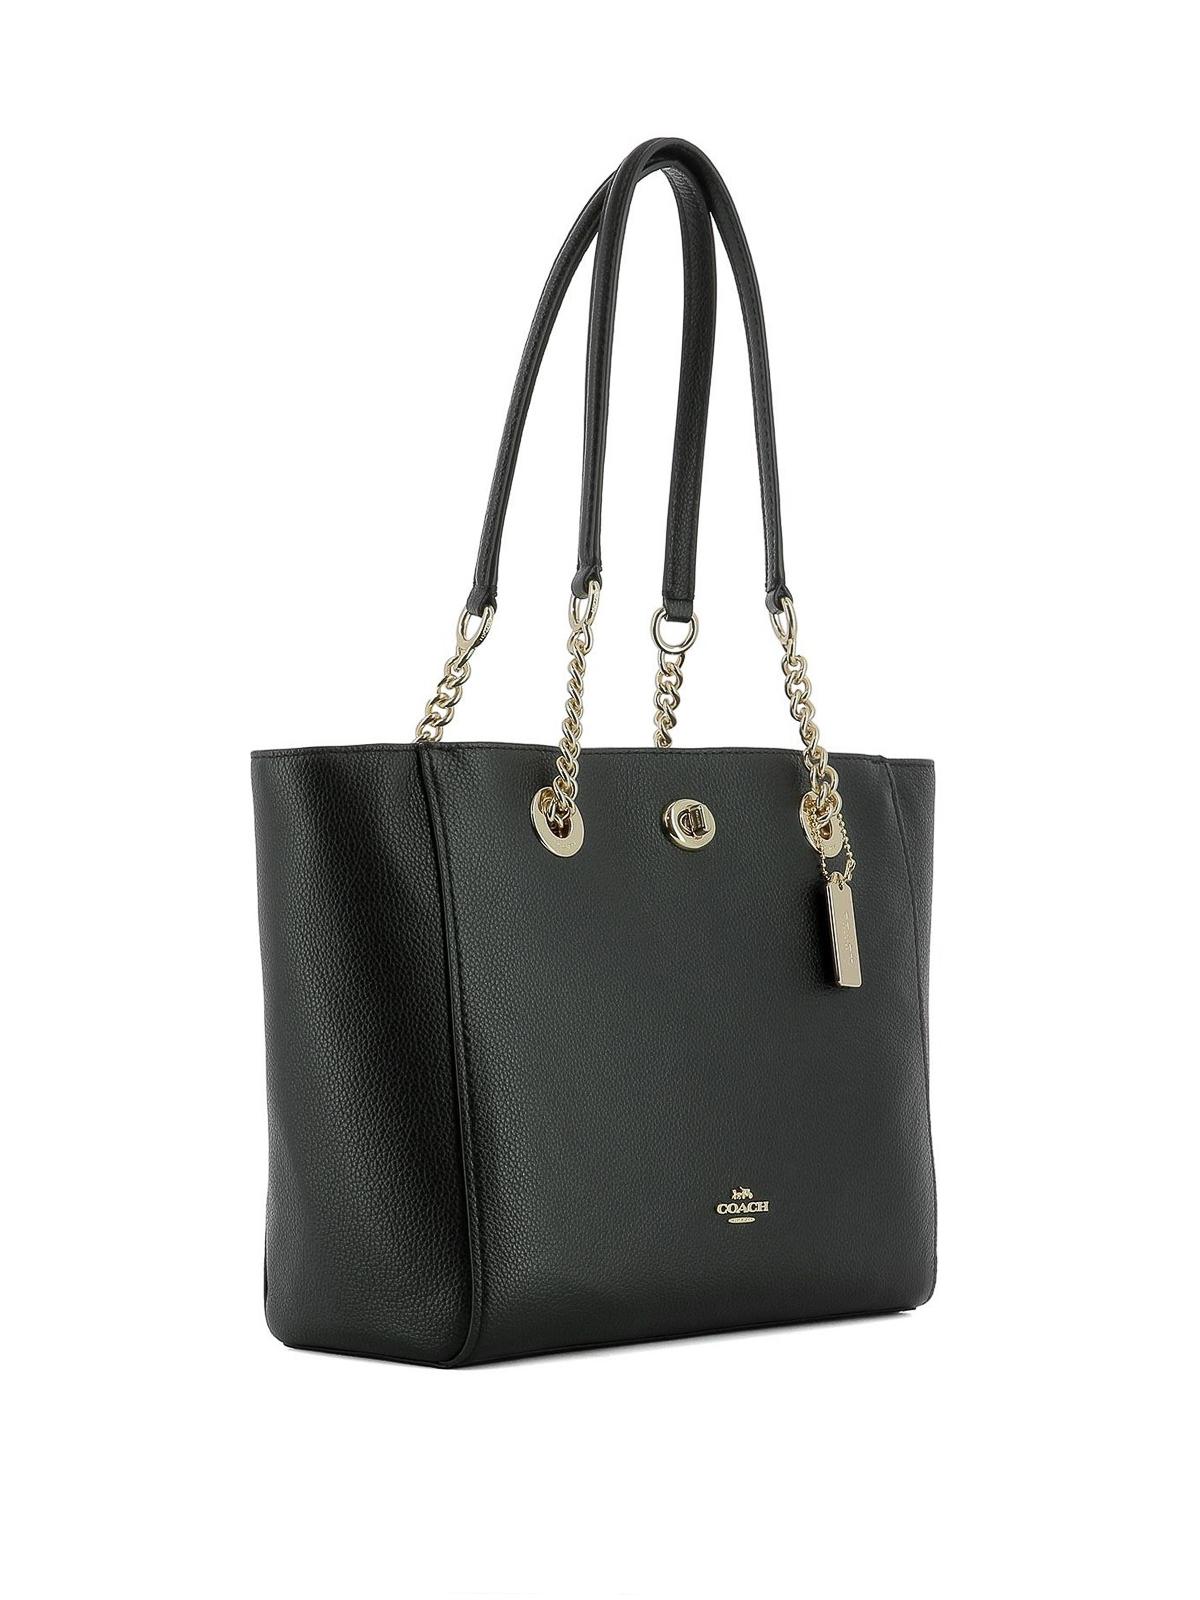 Coach - Black grainy leather tote - totes bags - 57107 NERO ORO CHIARO be1fb310f5ea2